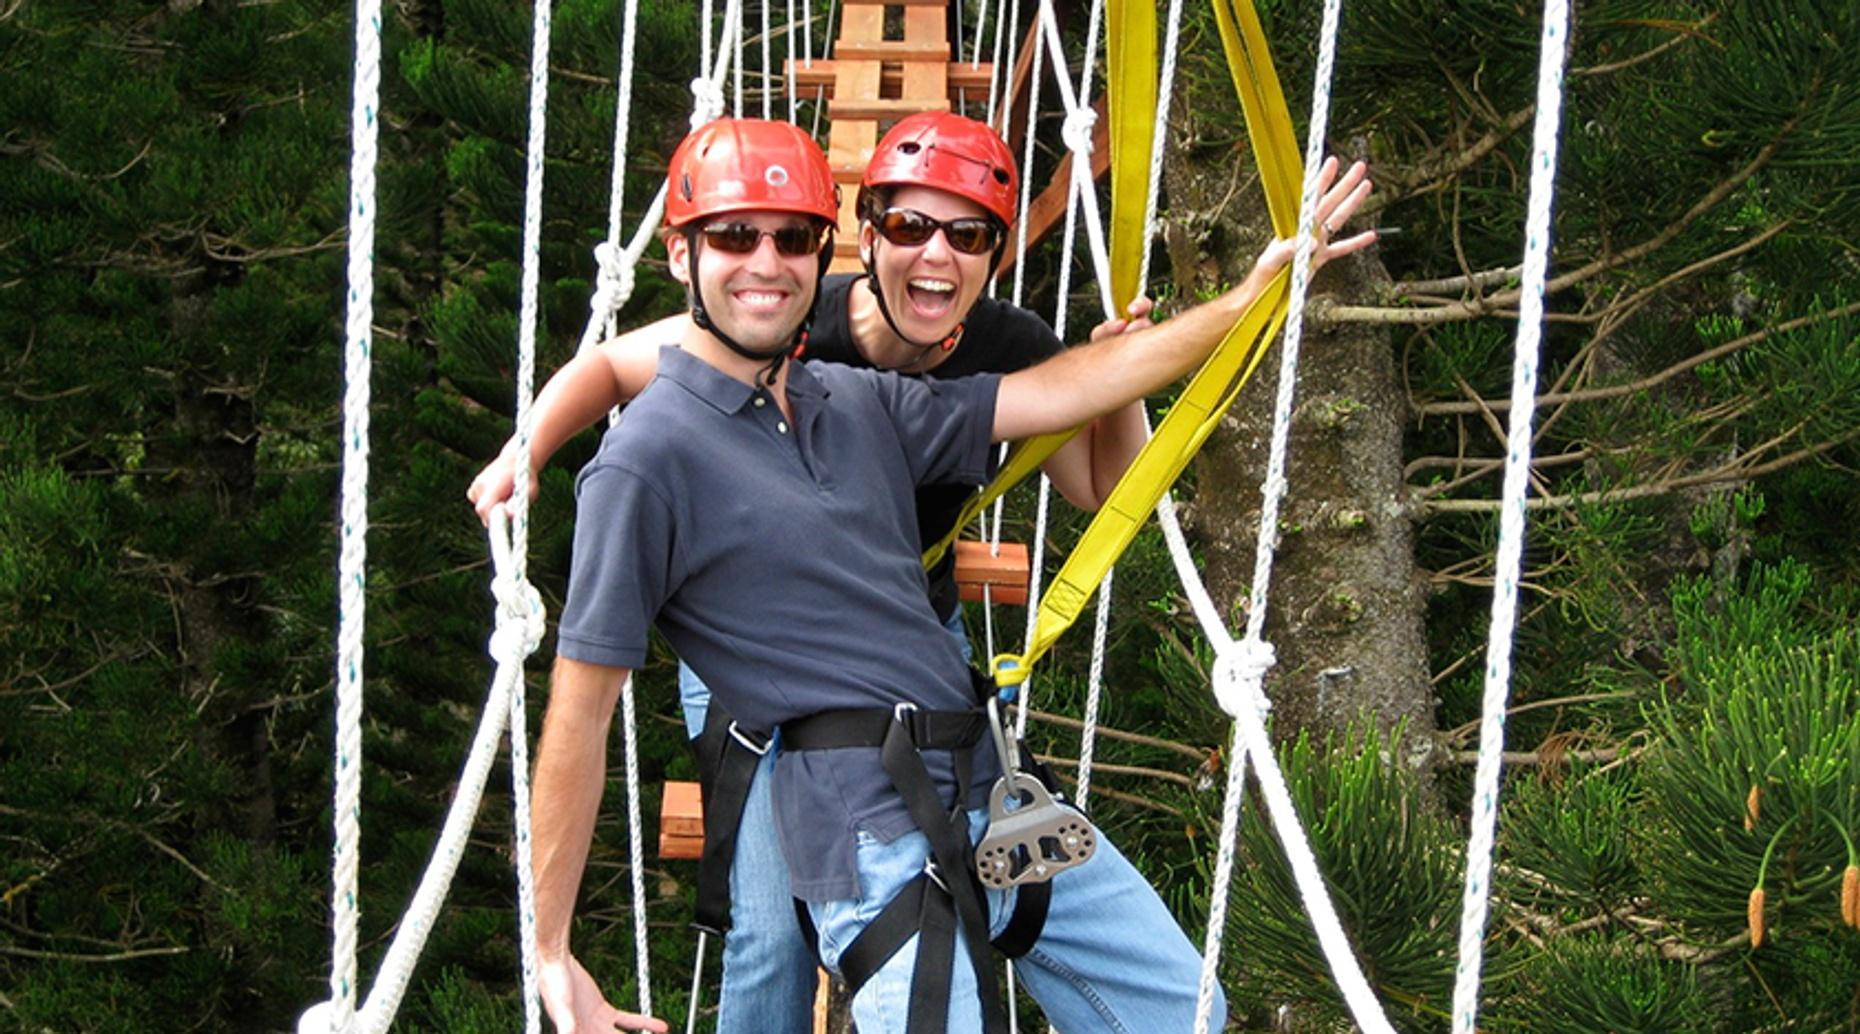 Lihue Seven Ziplines Treetop Tour